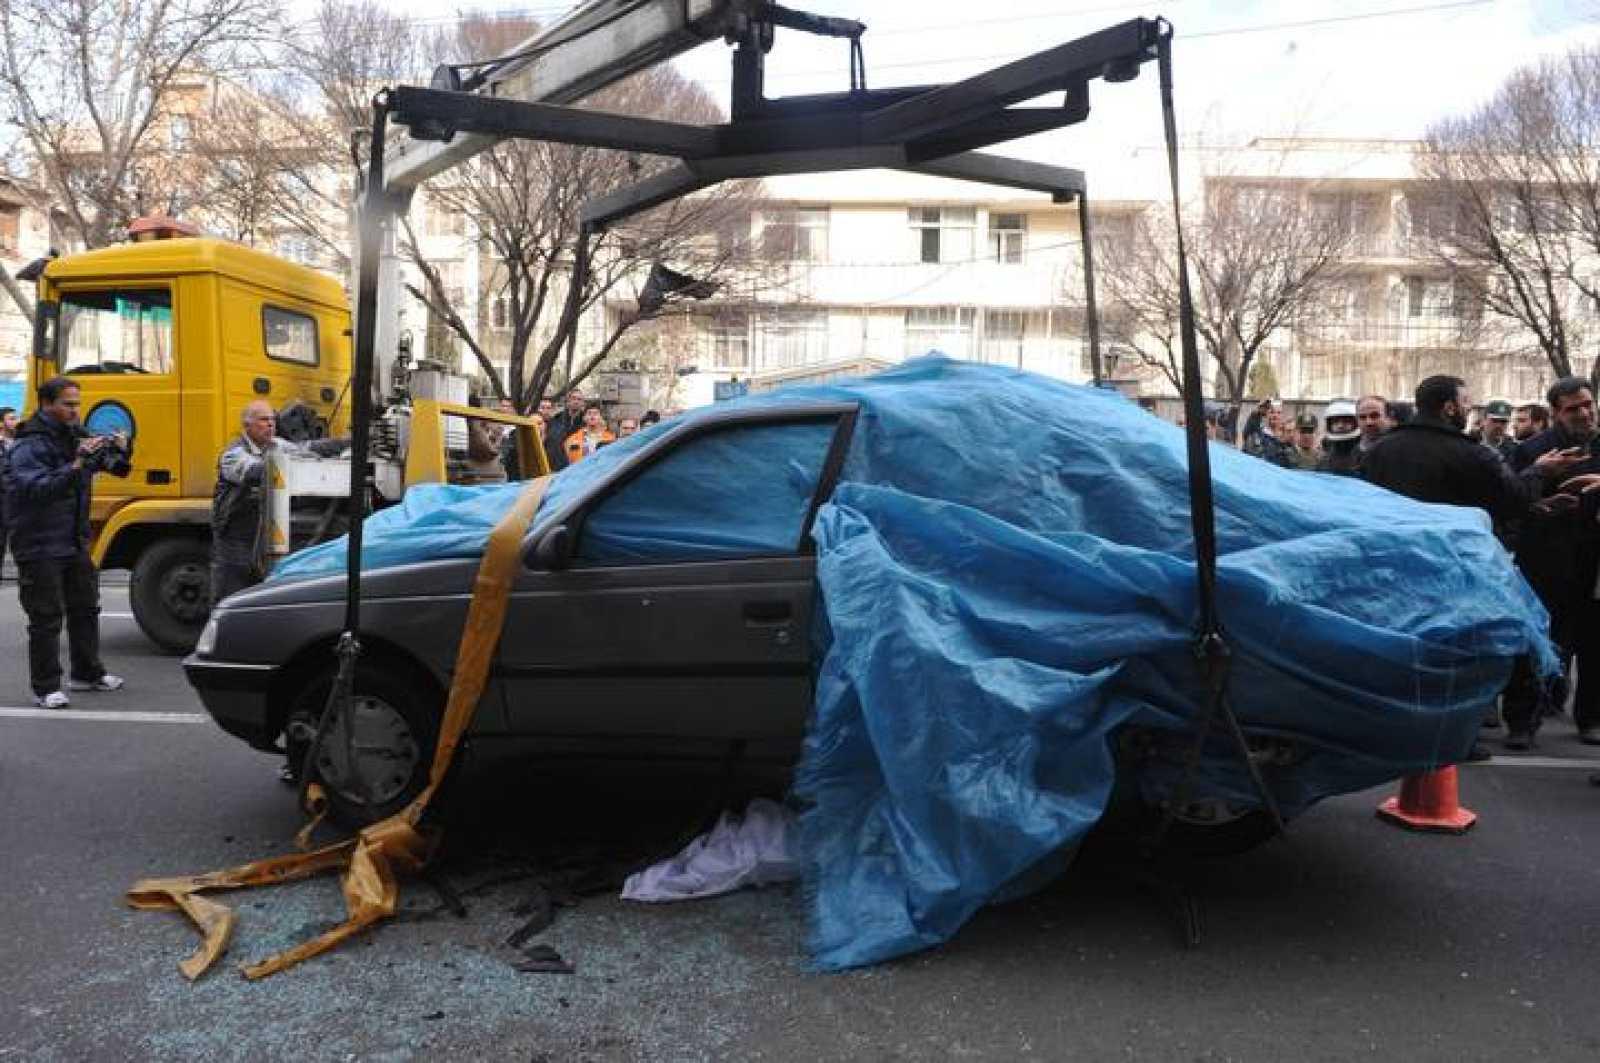 La policía iraní inspecciona el vehículo en el que viajaba un científico nuclear iraní tras explotar una bomba.